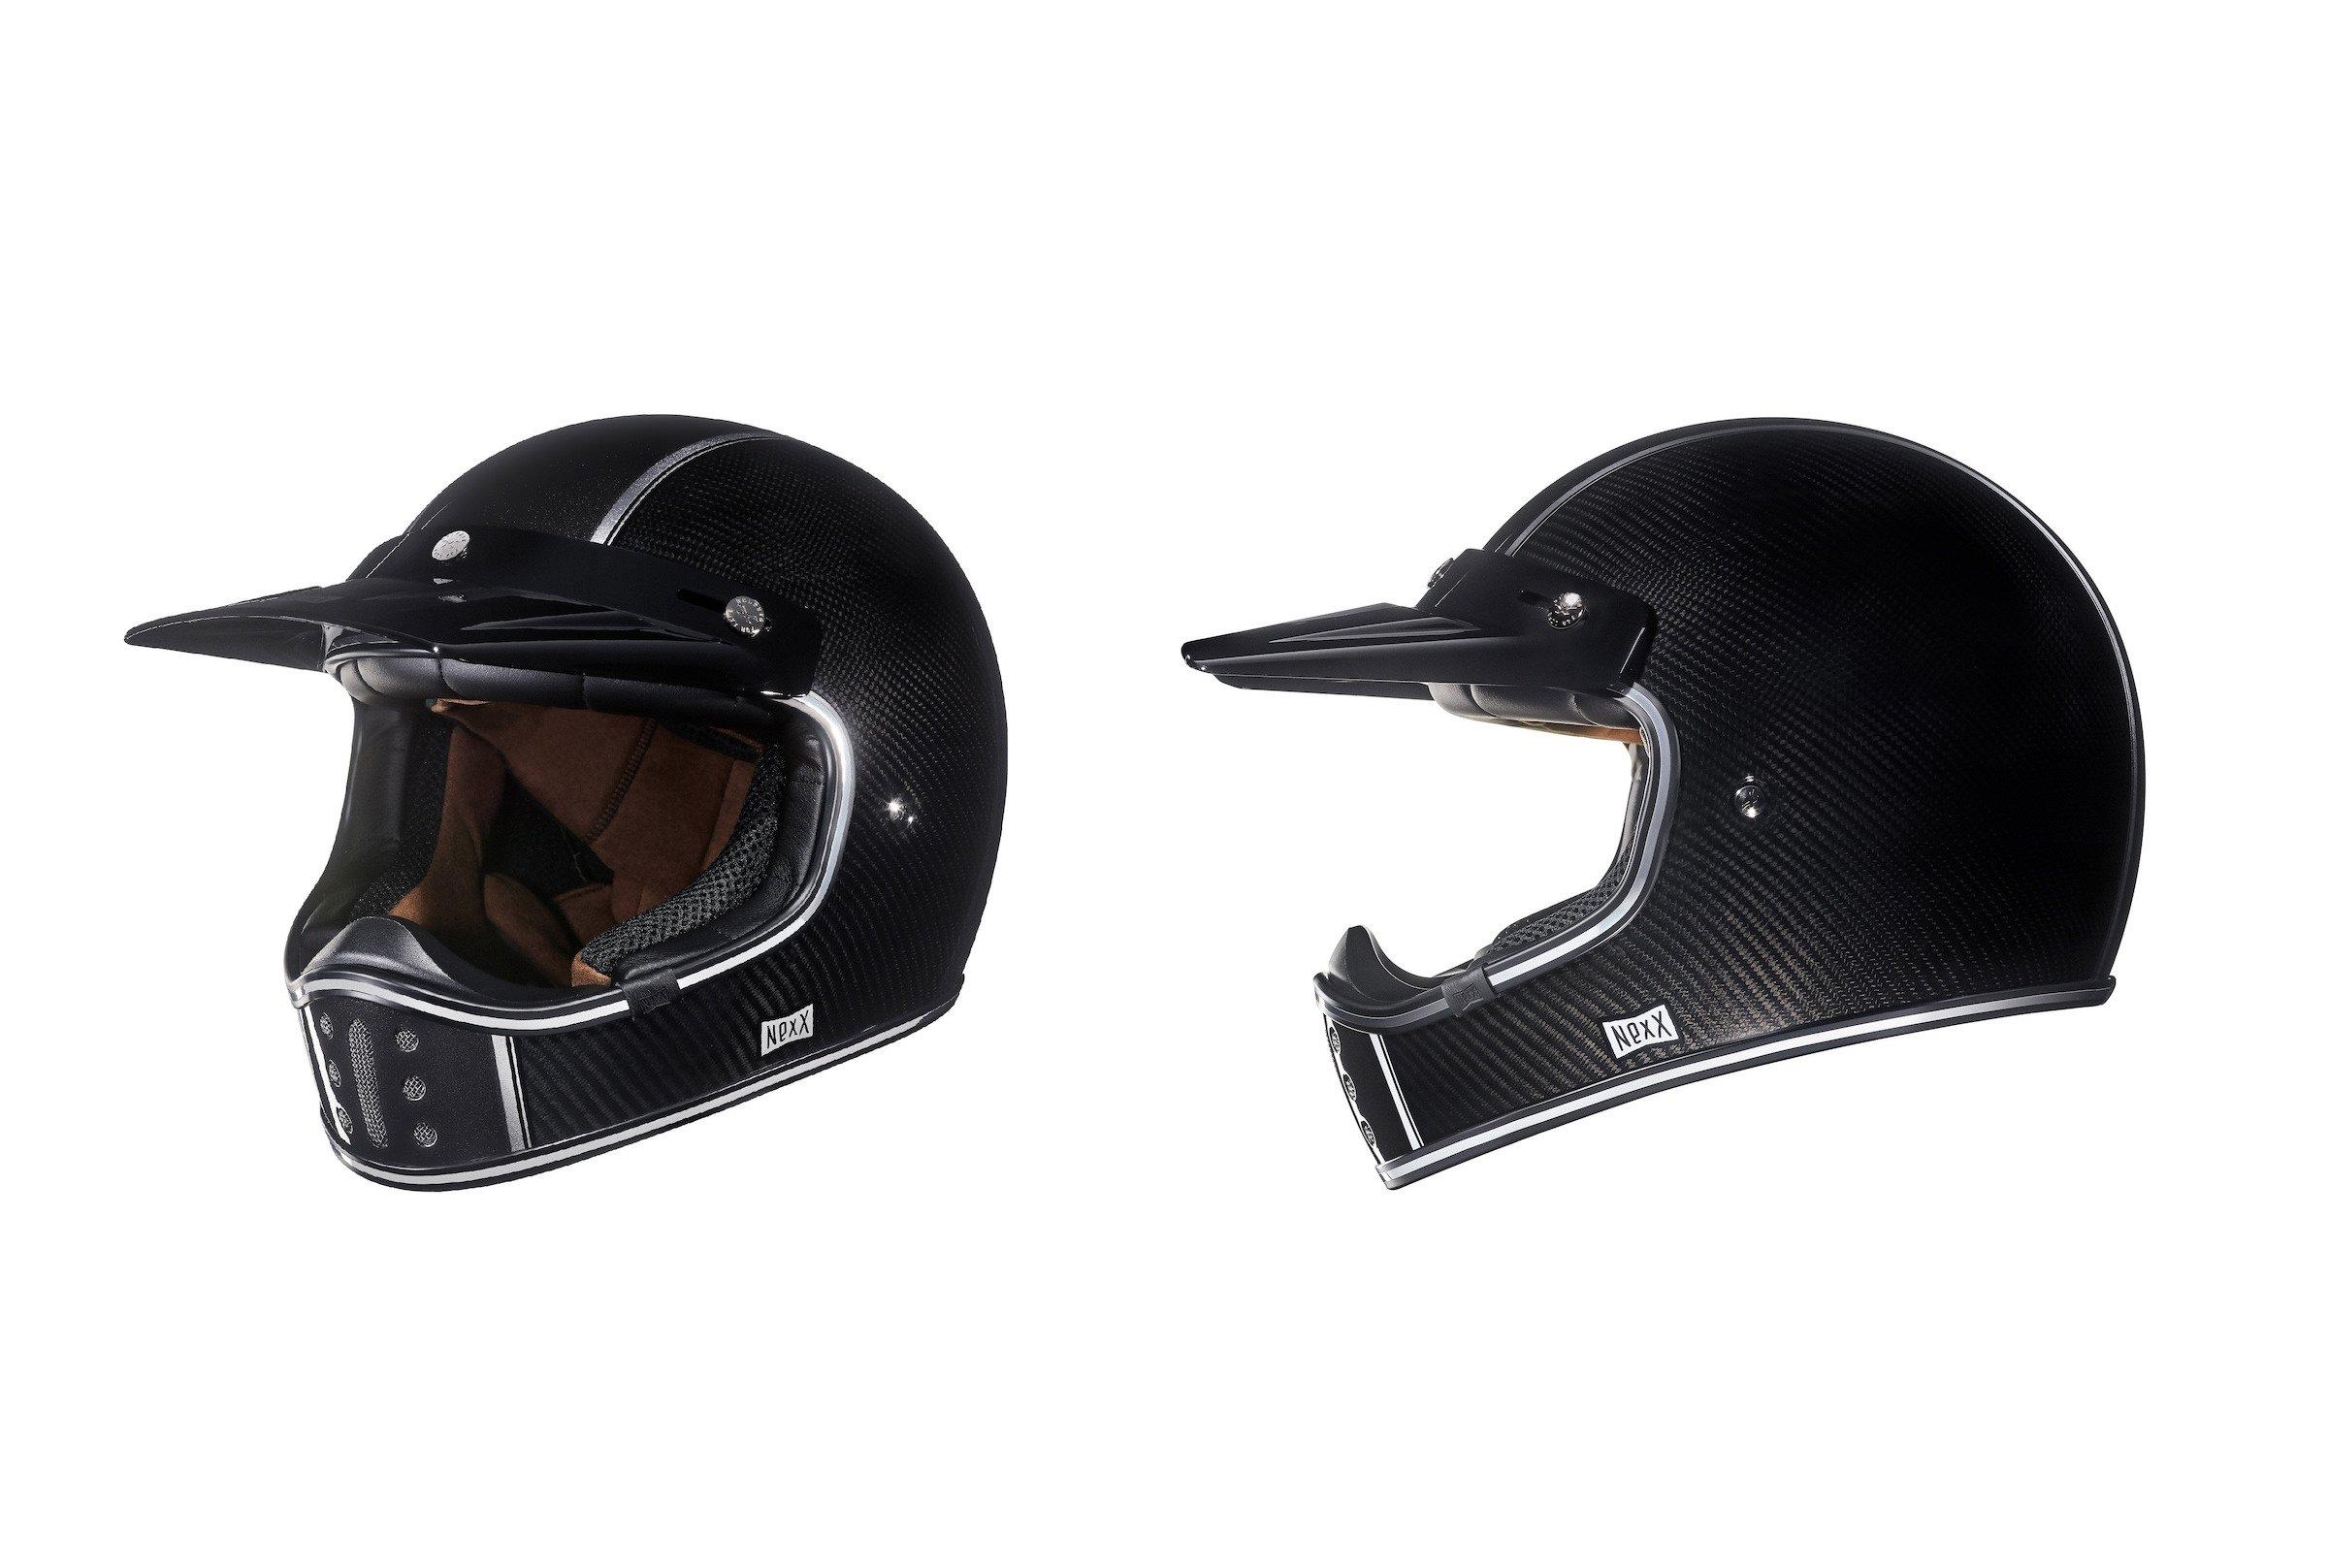 Nexx XG200 Carbon Fibre Motorcycle Helmet Scrambler